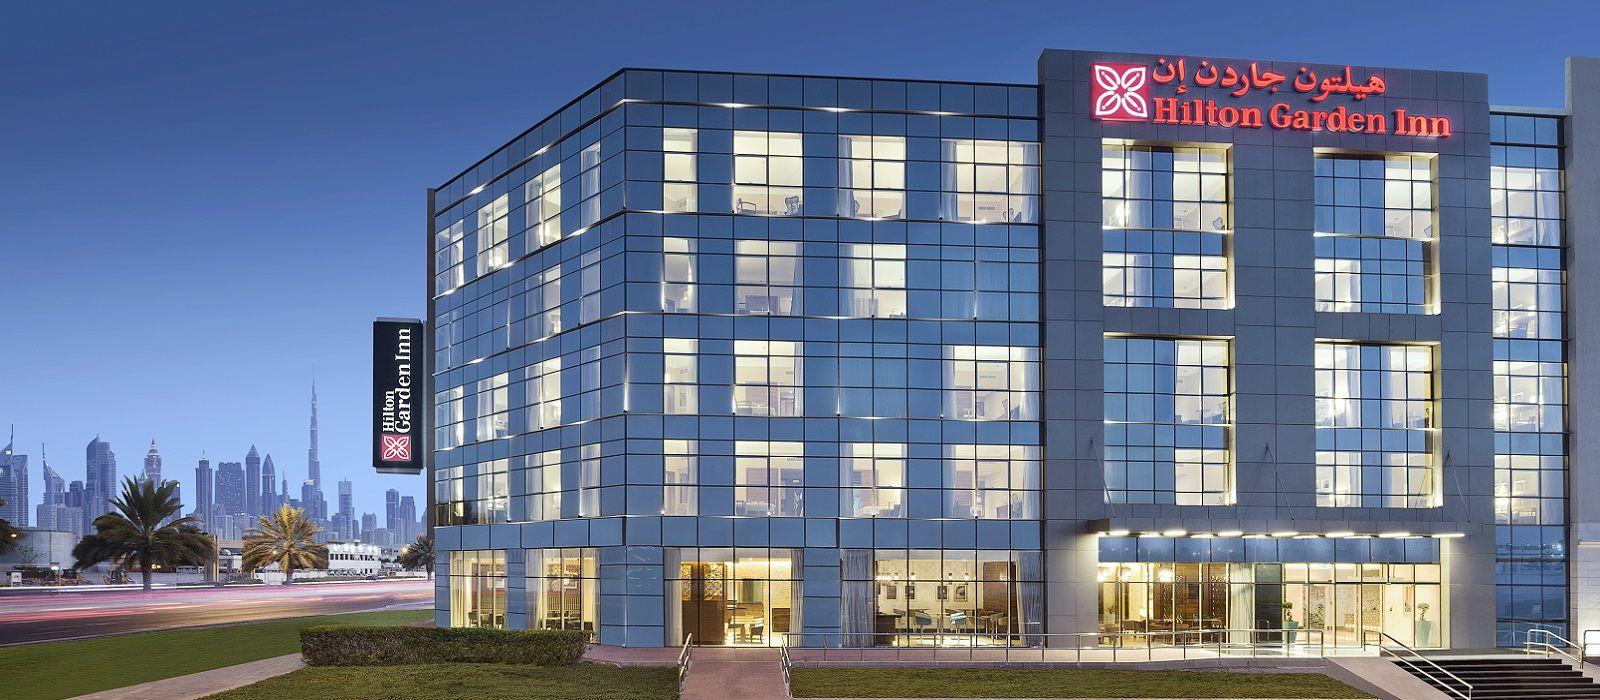 Sleep Inn Denver Tech Center. Hotels Pas Family Relations Of Denver. Hilton  Garden ...